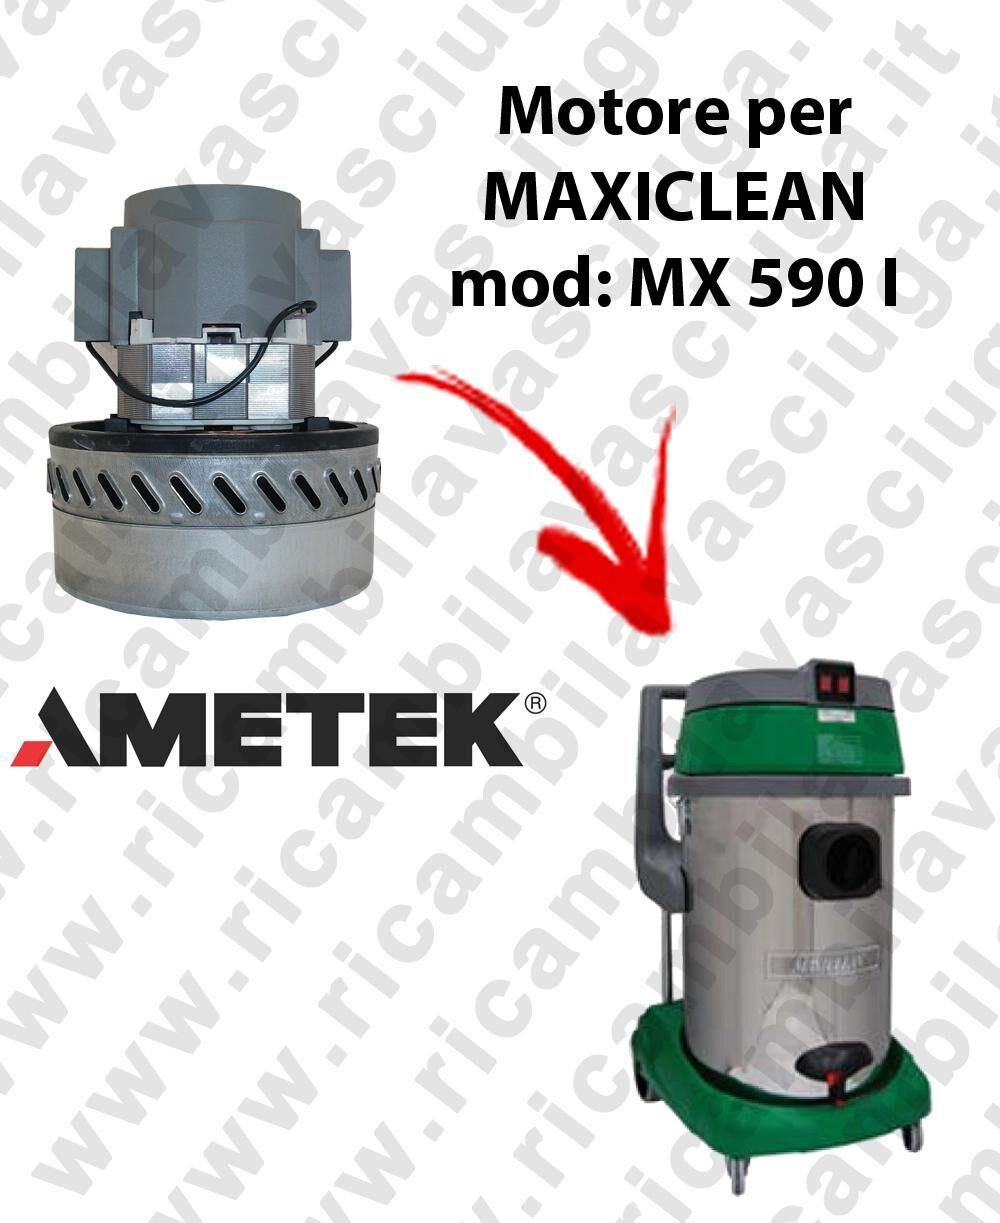 MAXICLEAN MX 590 I MOTORE AMETEK di aspirazione per aspirapolvere e aspiraliquidi